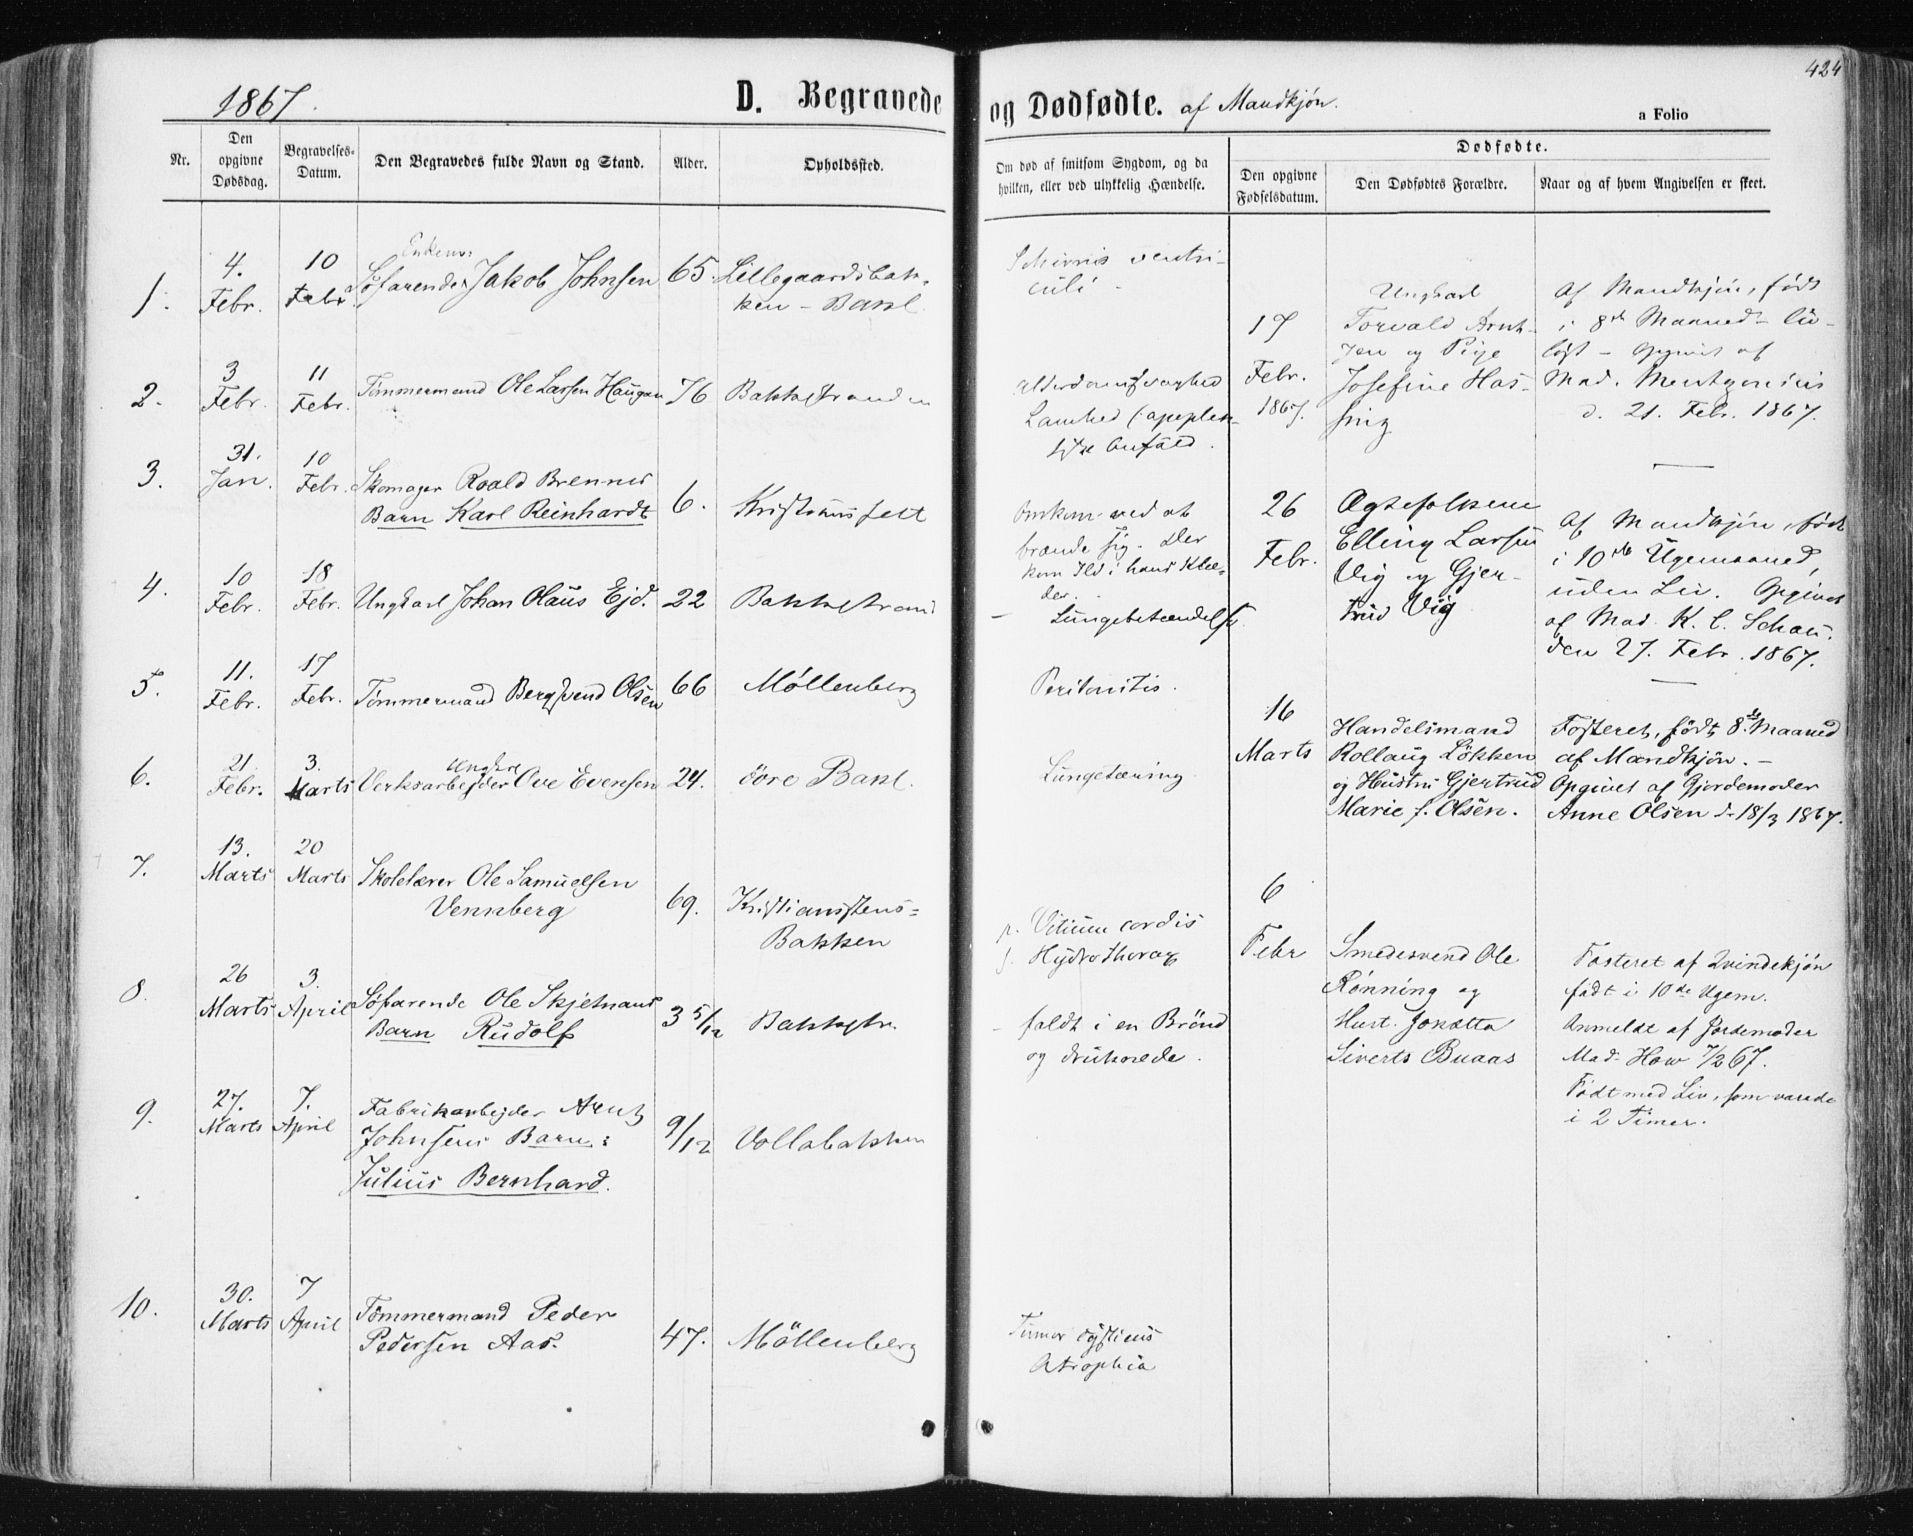 SAT, Ministerialprotokoller, klokkerbøker og fødselsregistre - Sør-Trøndelag, 604/L0186: Ministerialbok nr. 604A07, 1866-1877, s. 424